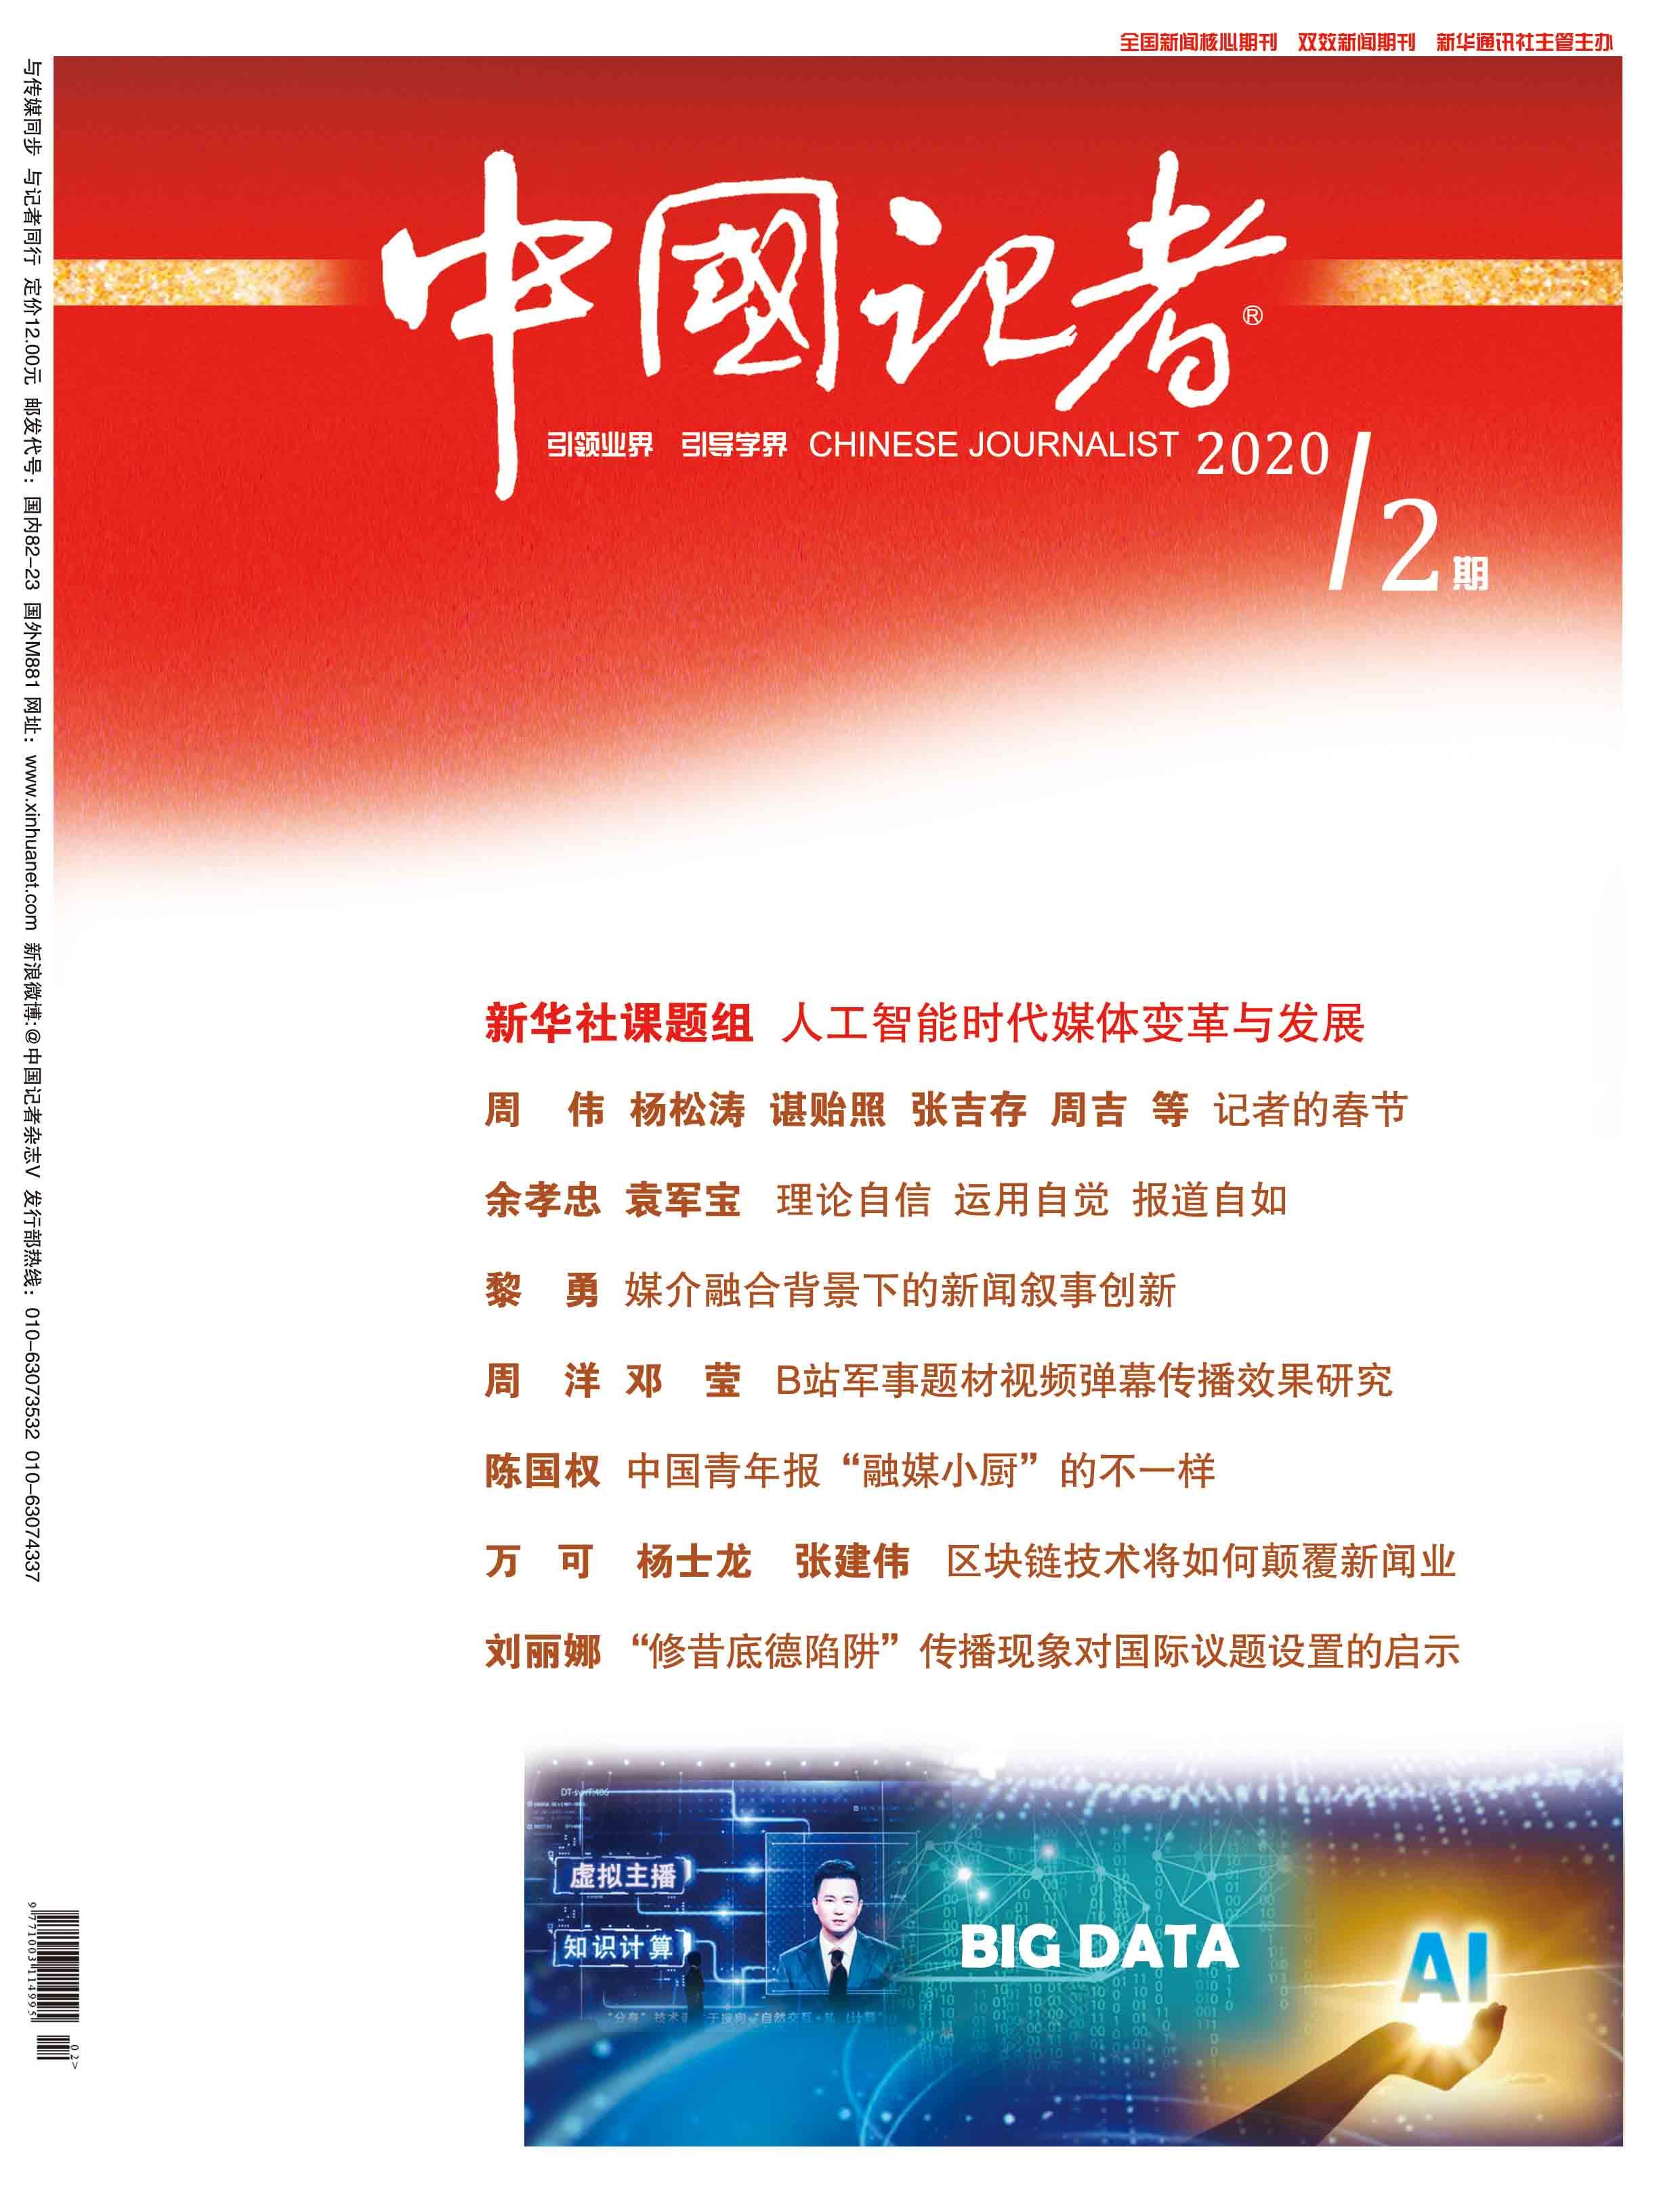 中國記者2020年第2期封面